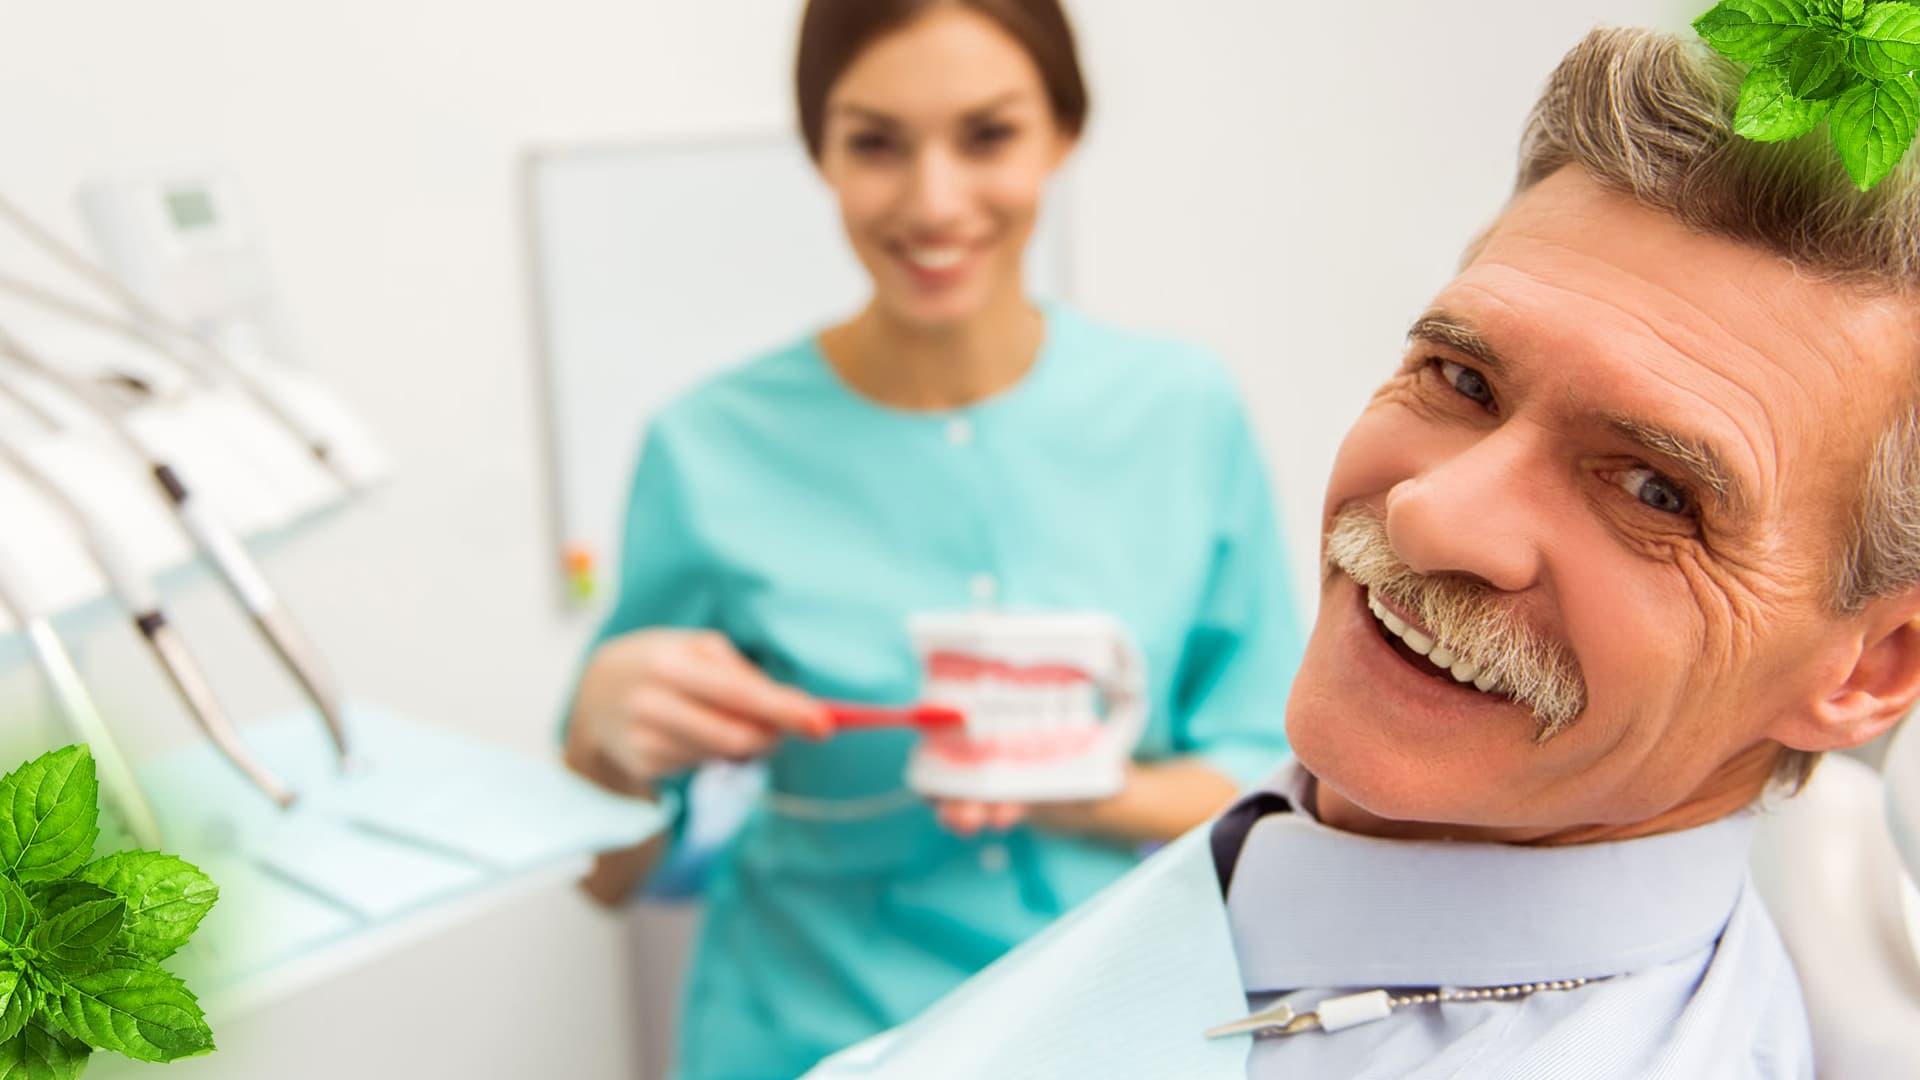 Стоматология в израиле в 2021 году: лечение, протезирование зубов